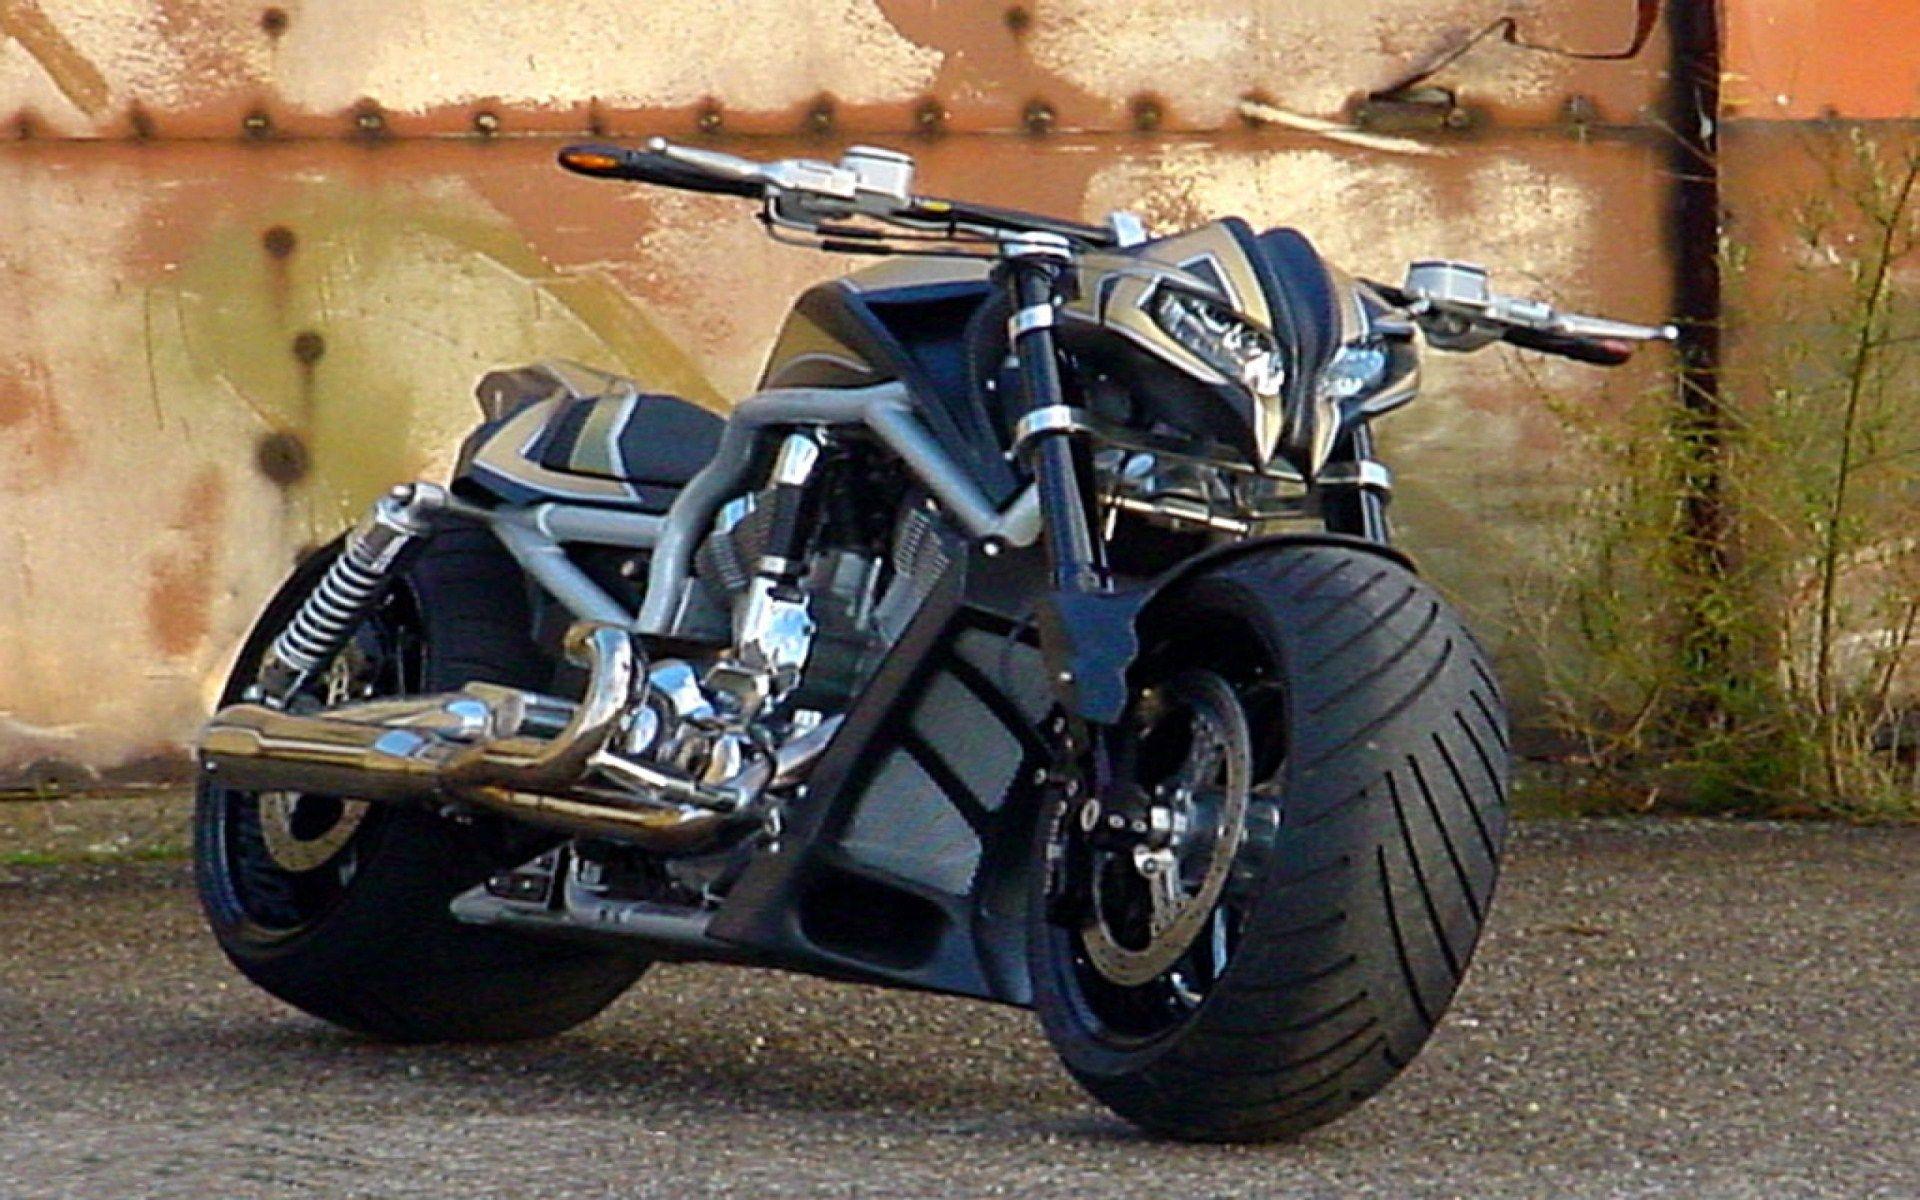 Bikes Wallpapers HD  WallpaperSafari